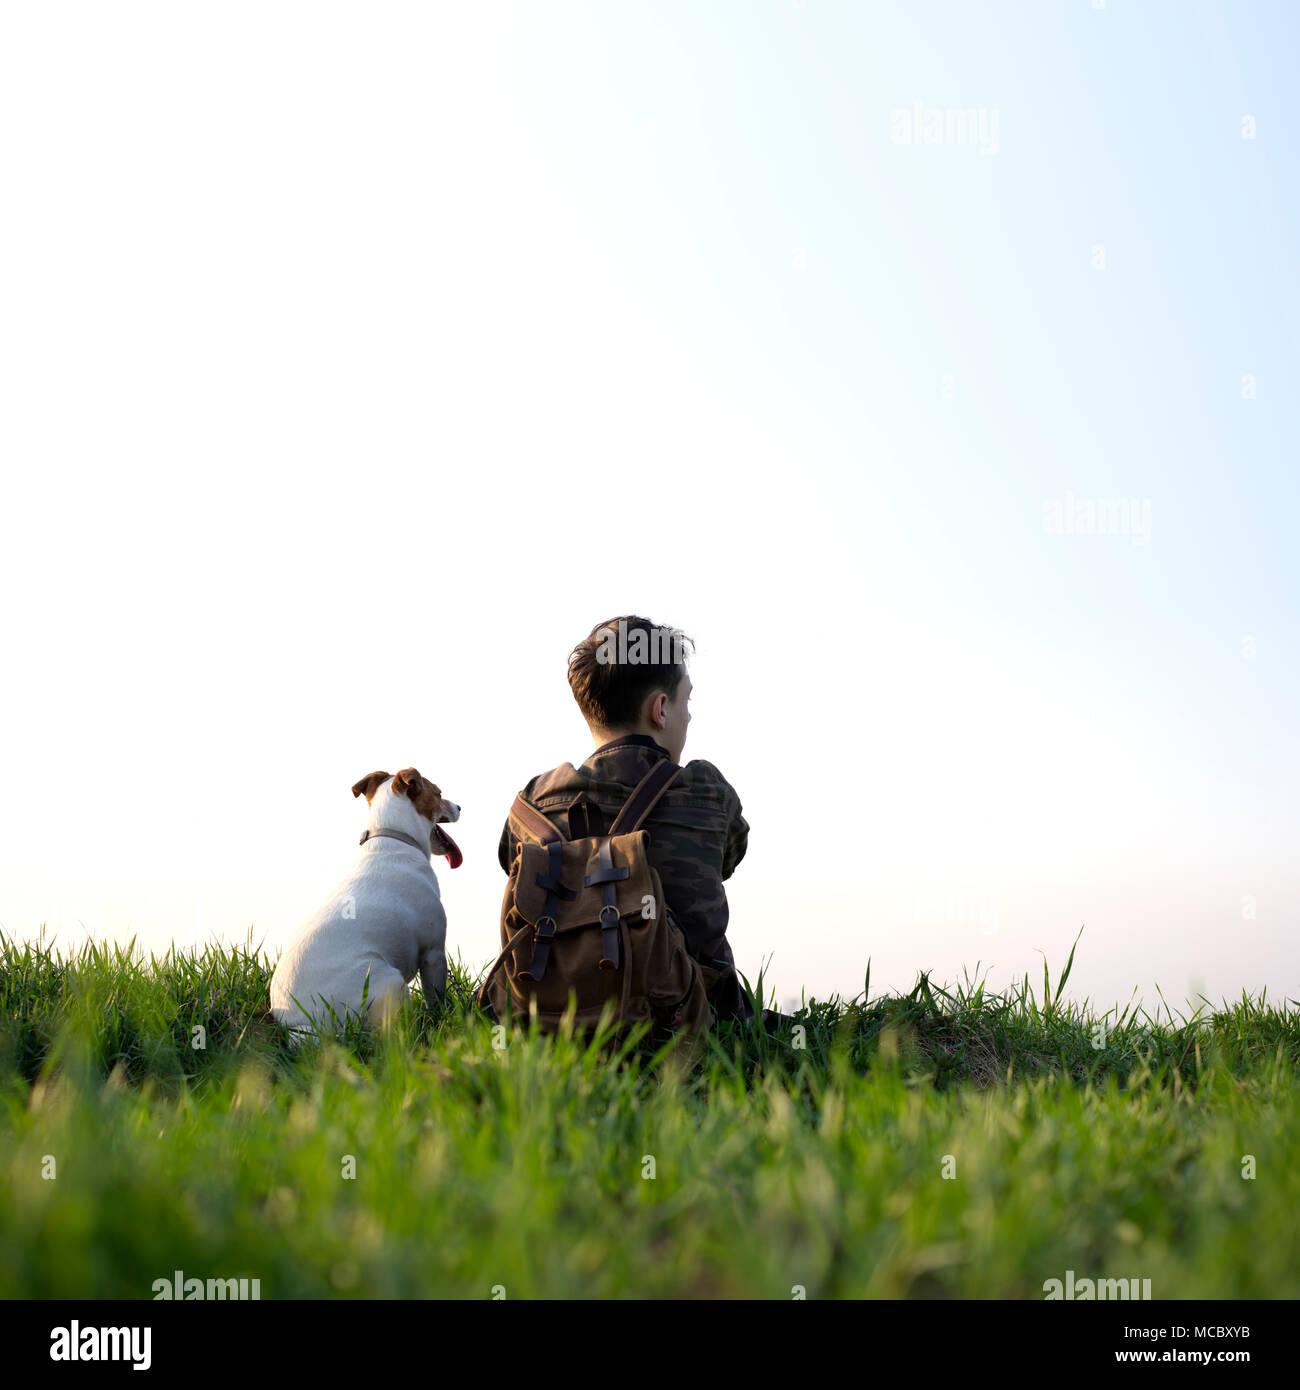 La adolescente en el césped verde con un pequeño perro blanco Imagen De Stock